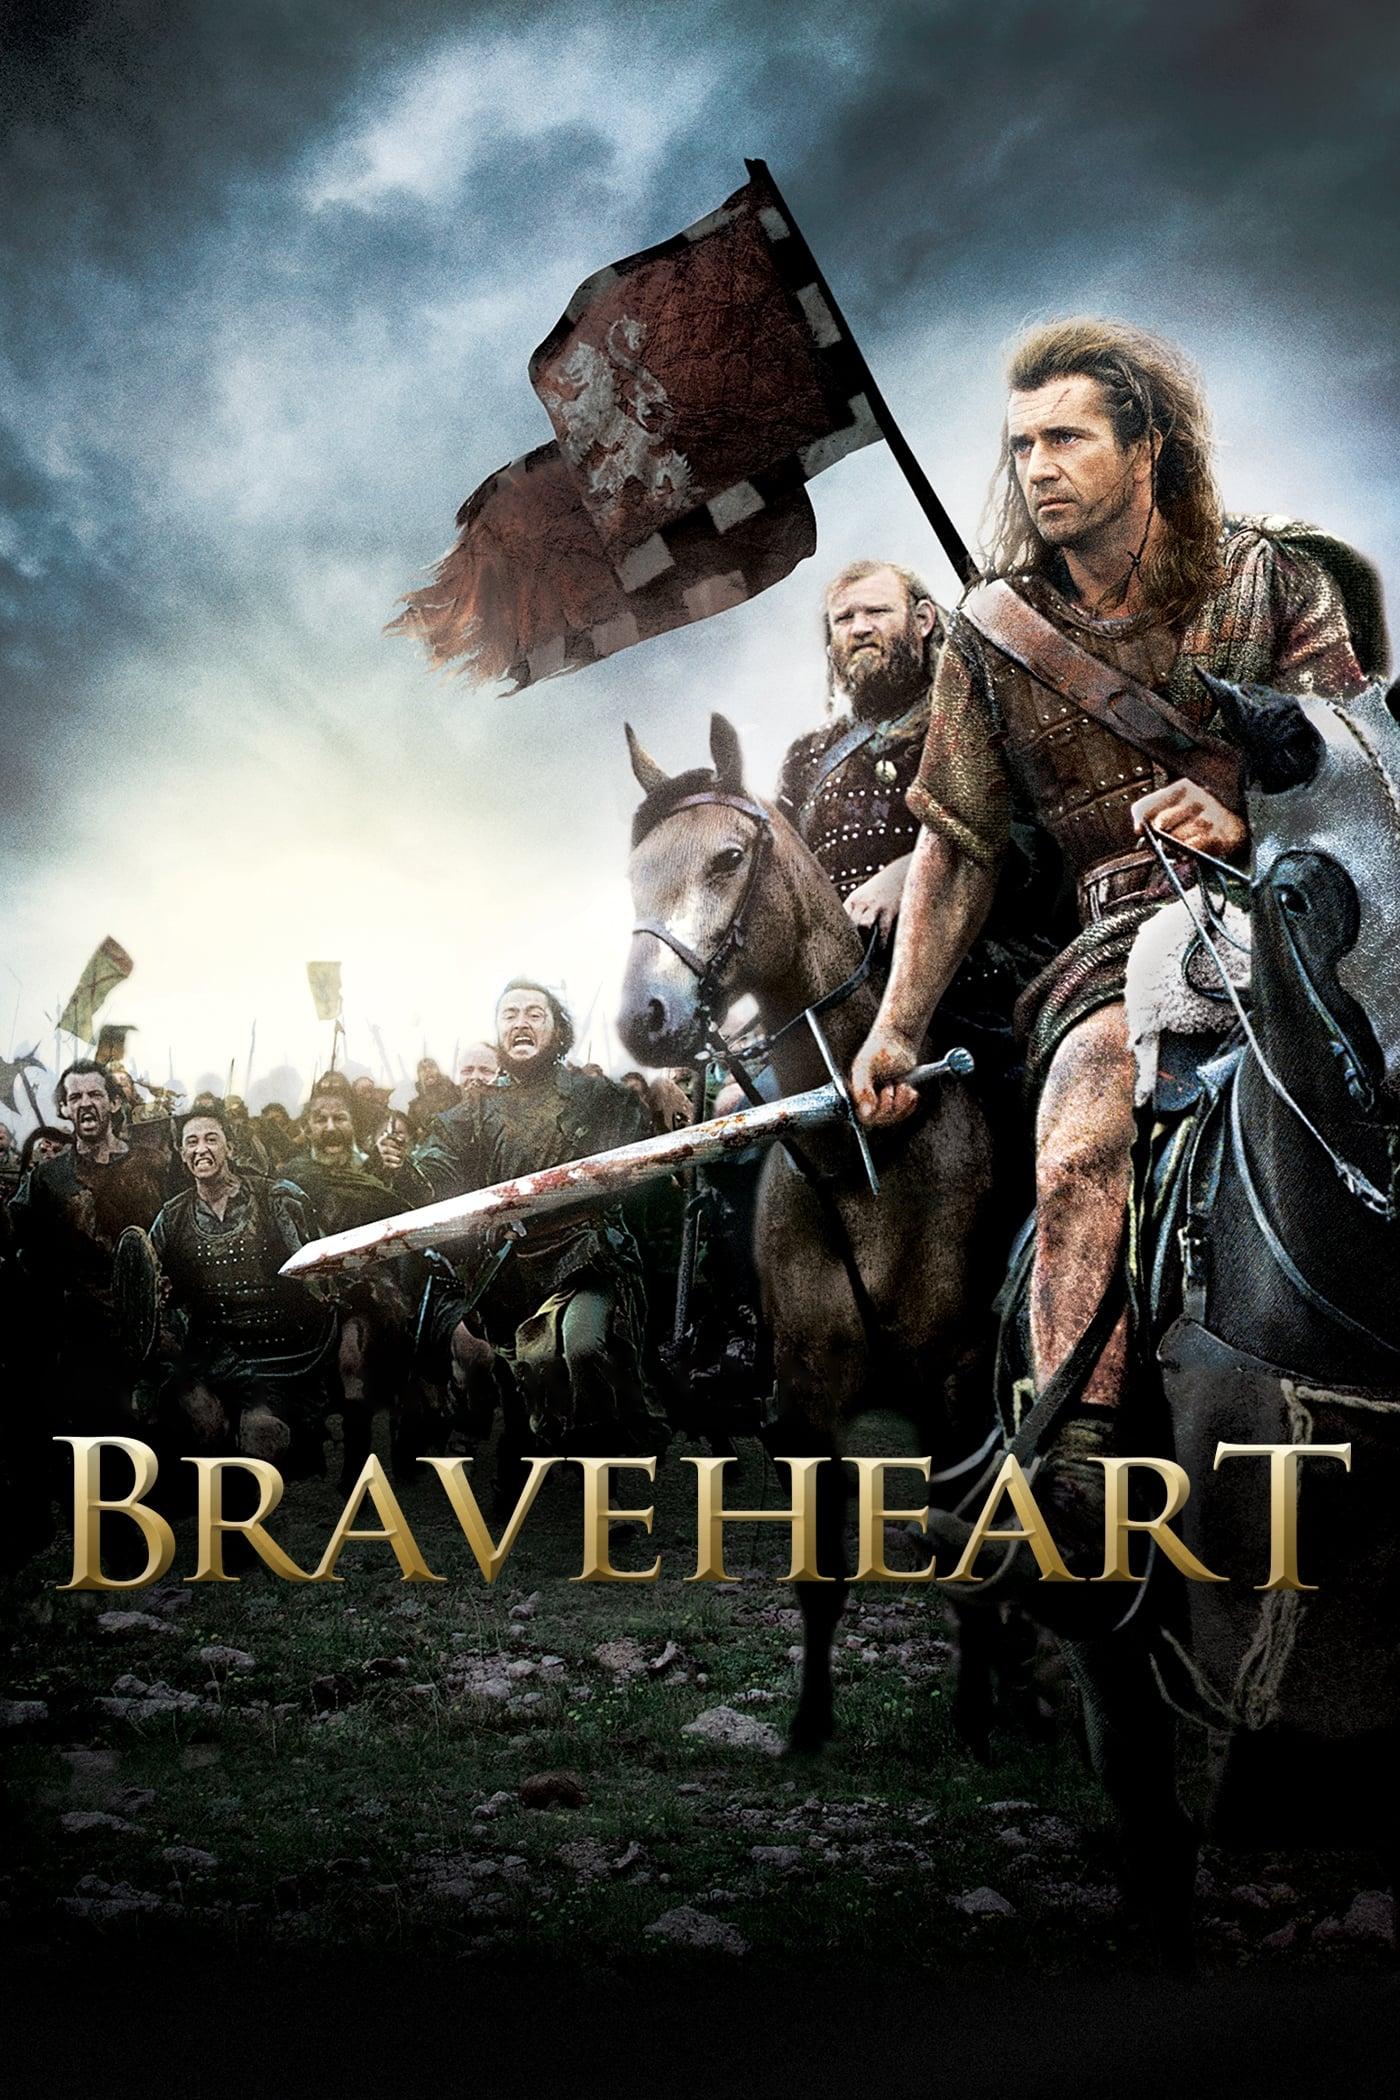 braveheart deutsch ganzer film